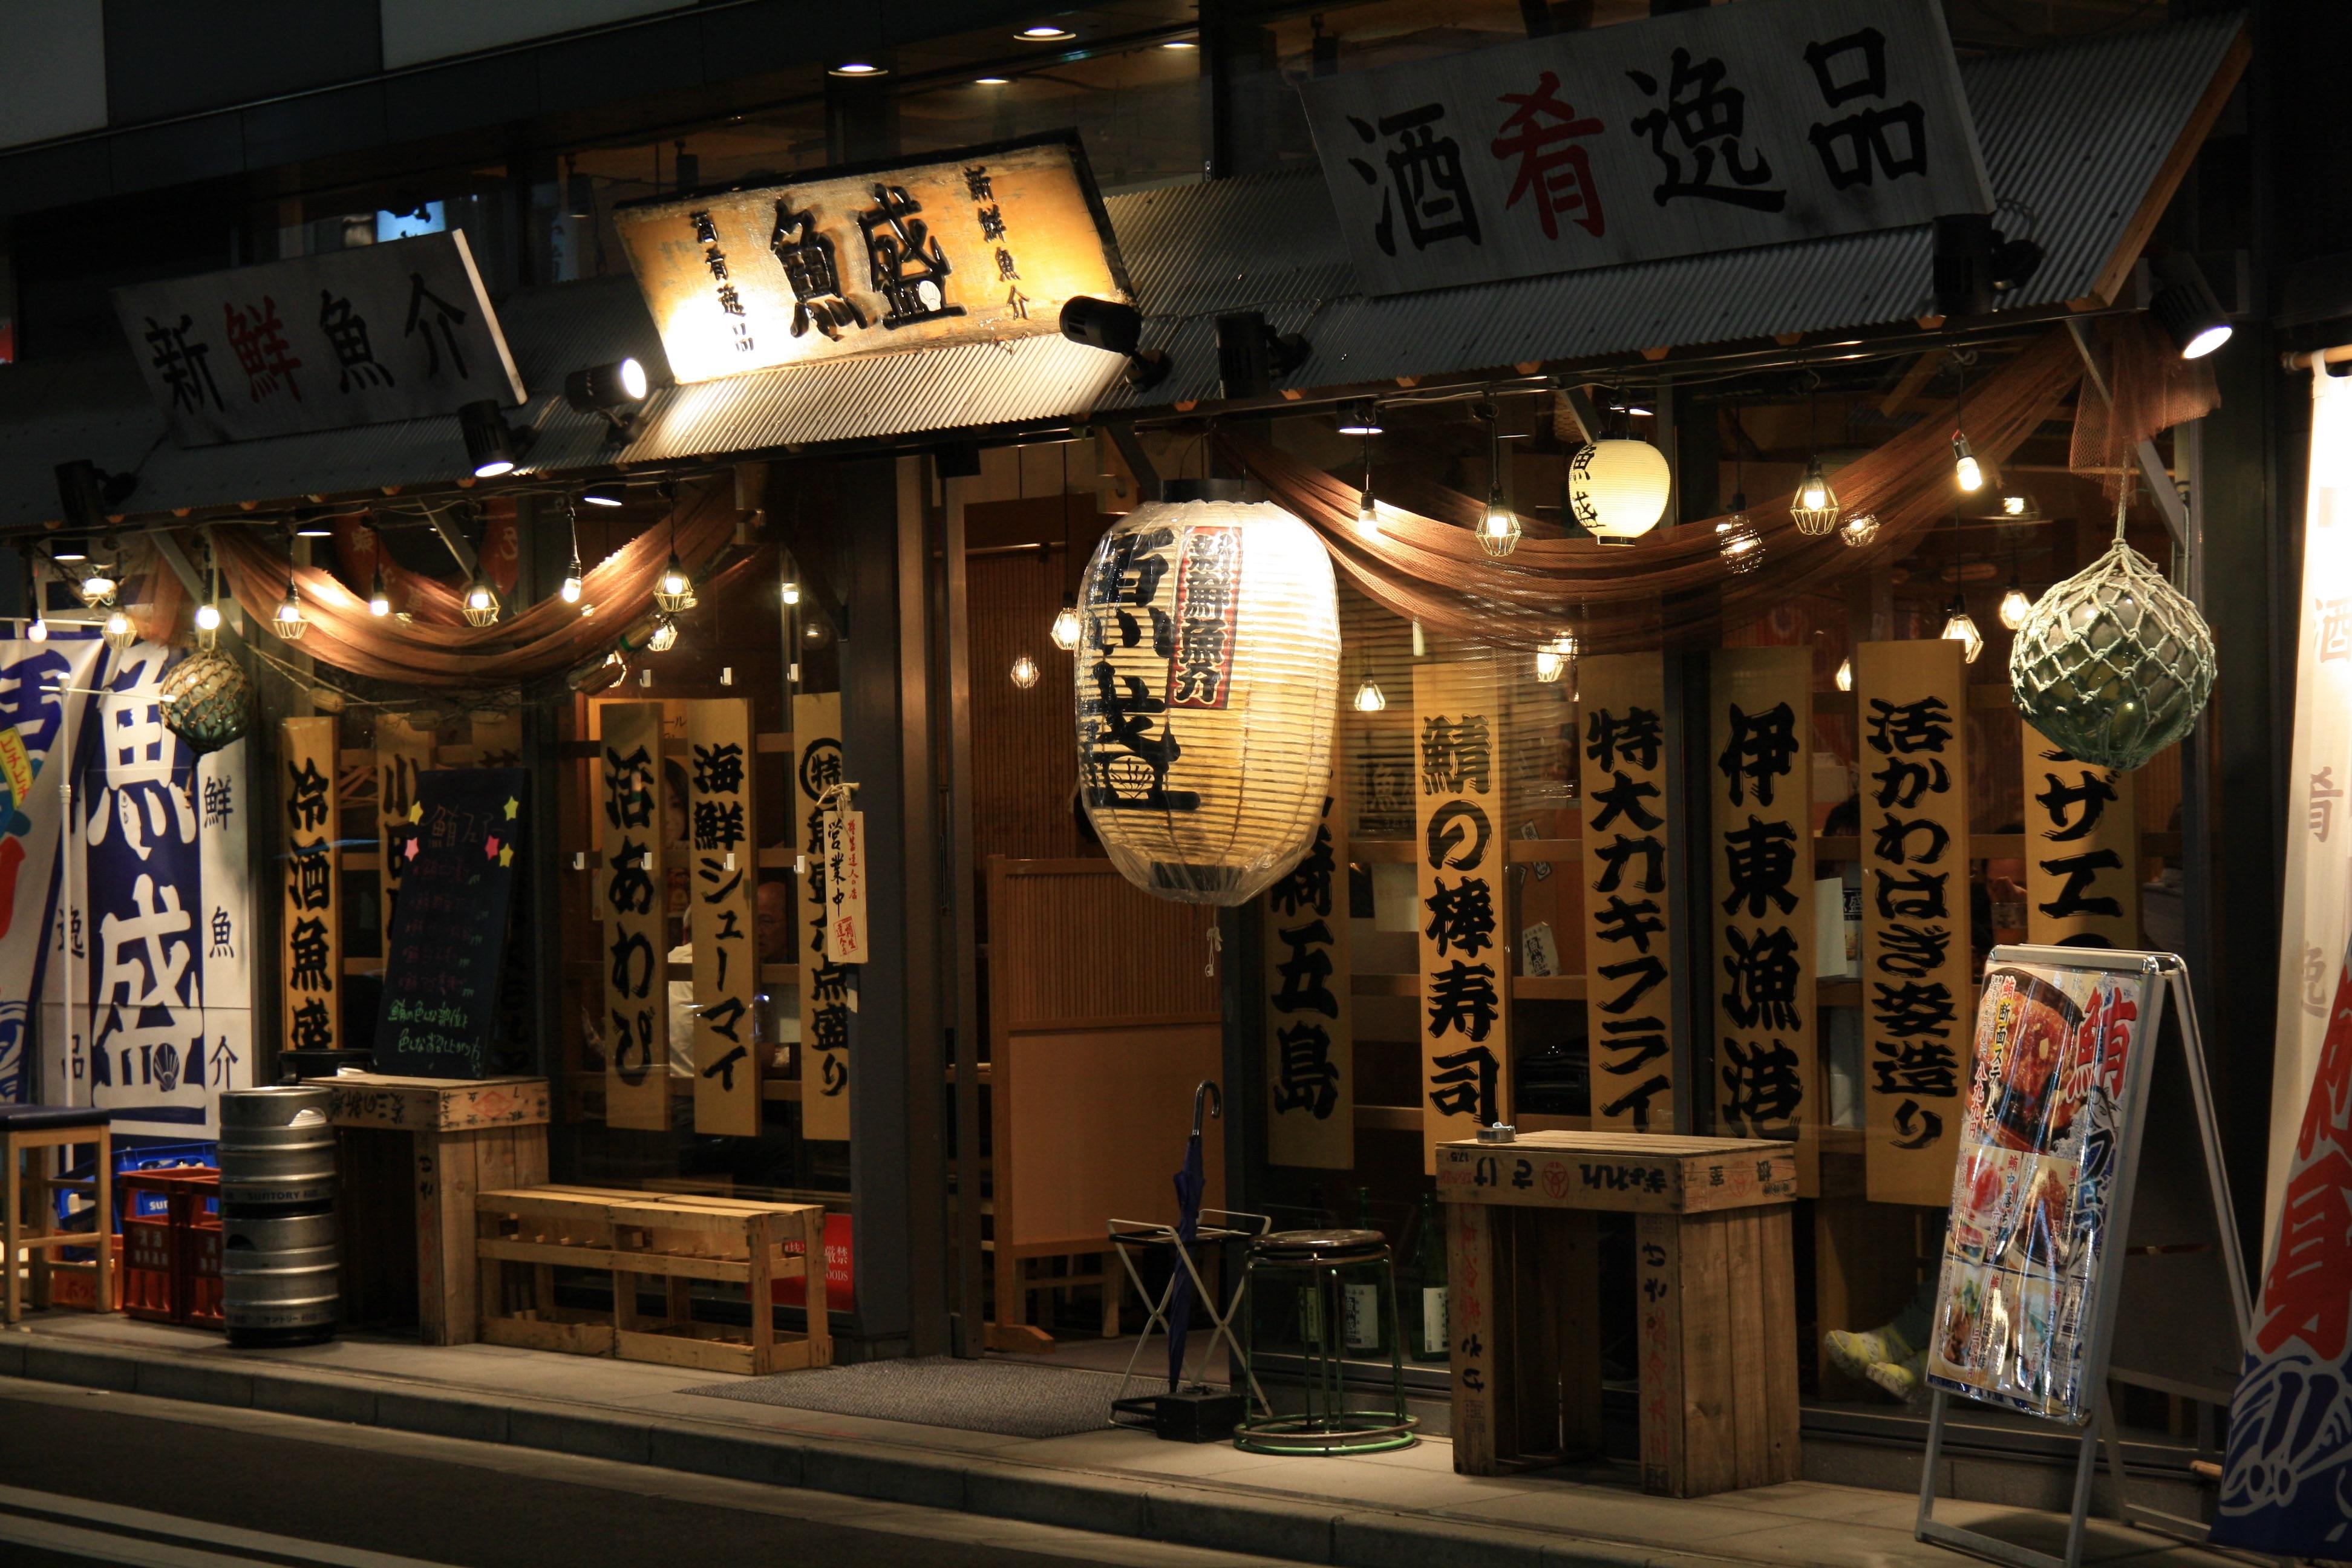 Kostenlose foto : Restaurant, Bar, Innenarchitektur 3888x2592 ...